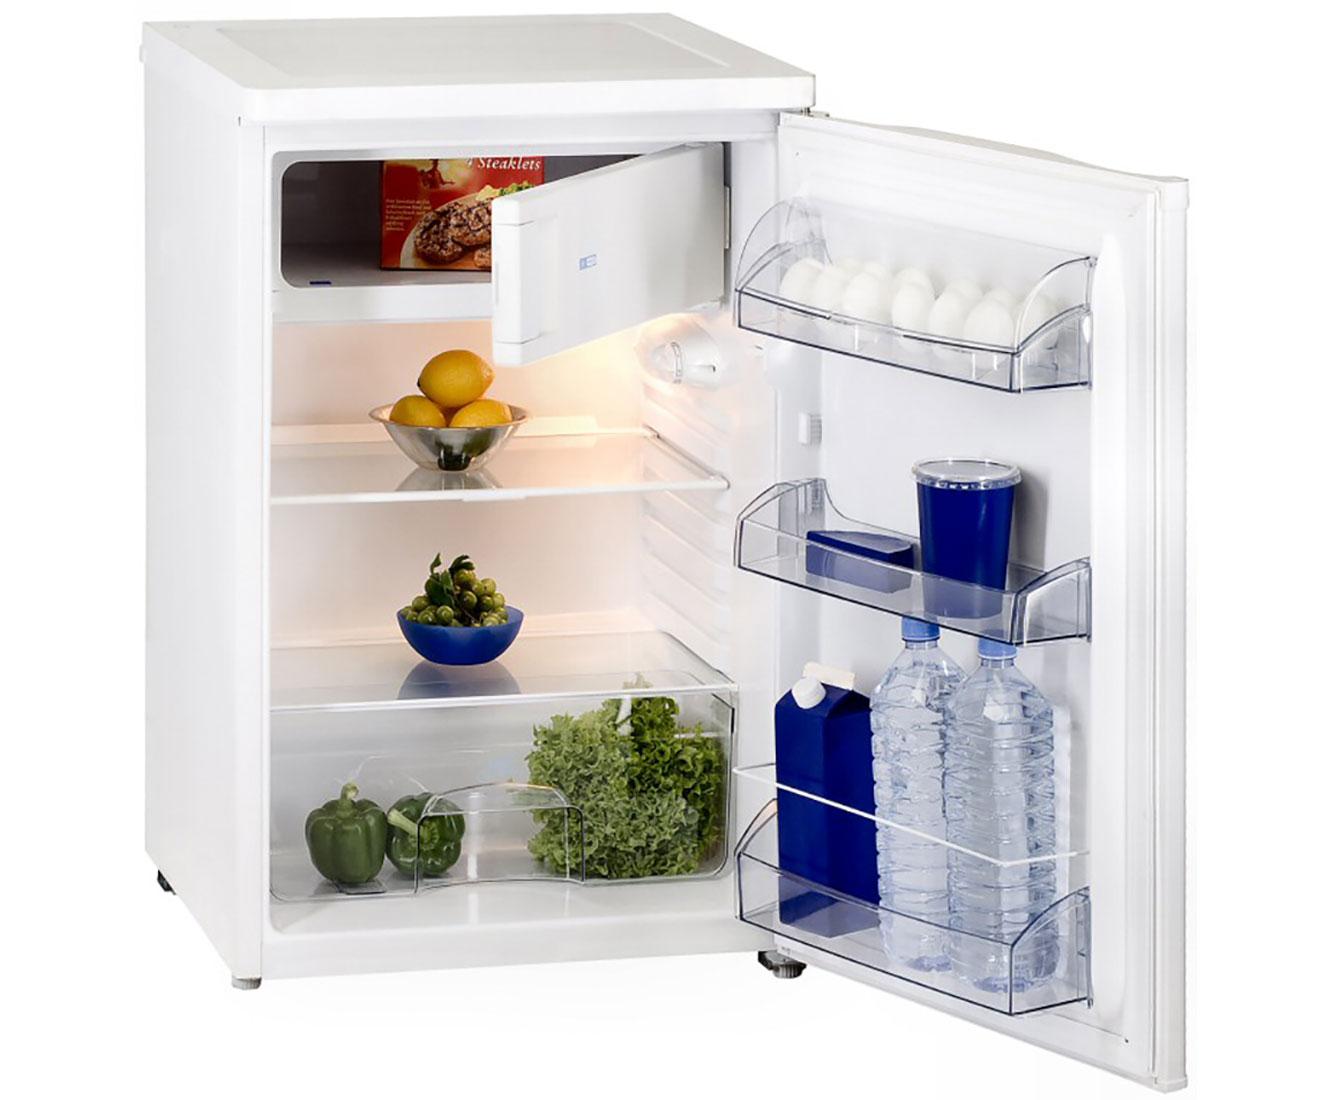 Mini Kühlschrank Bei Real : Kleiner kühlschrank bei real mini kühlschrank mit geringer tiefe